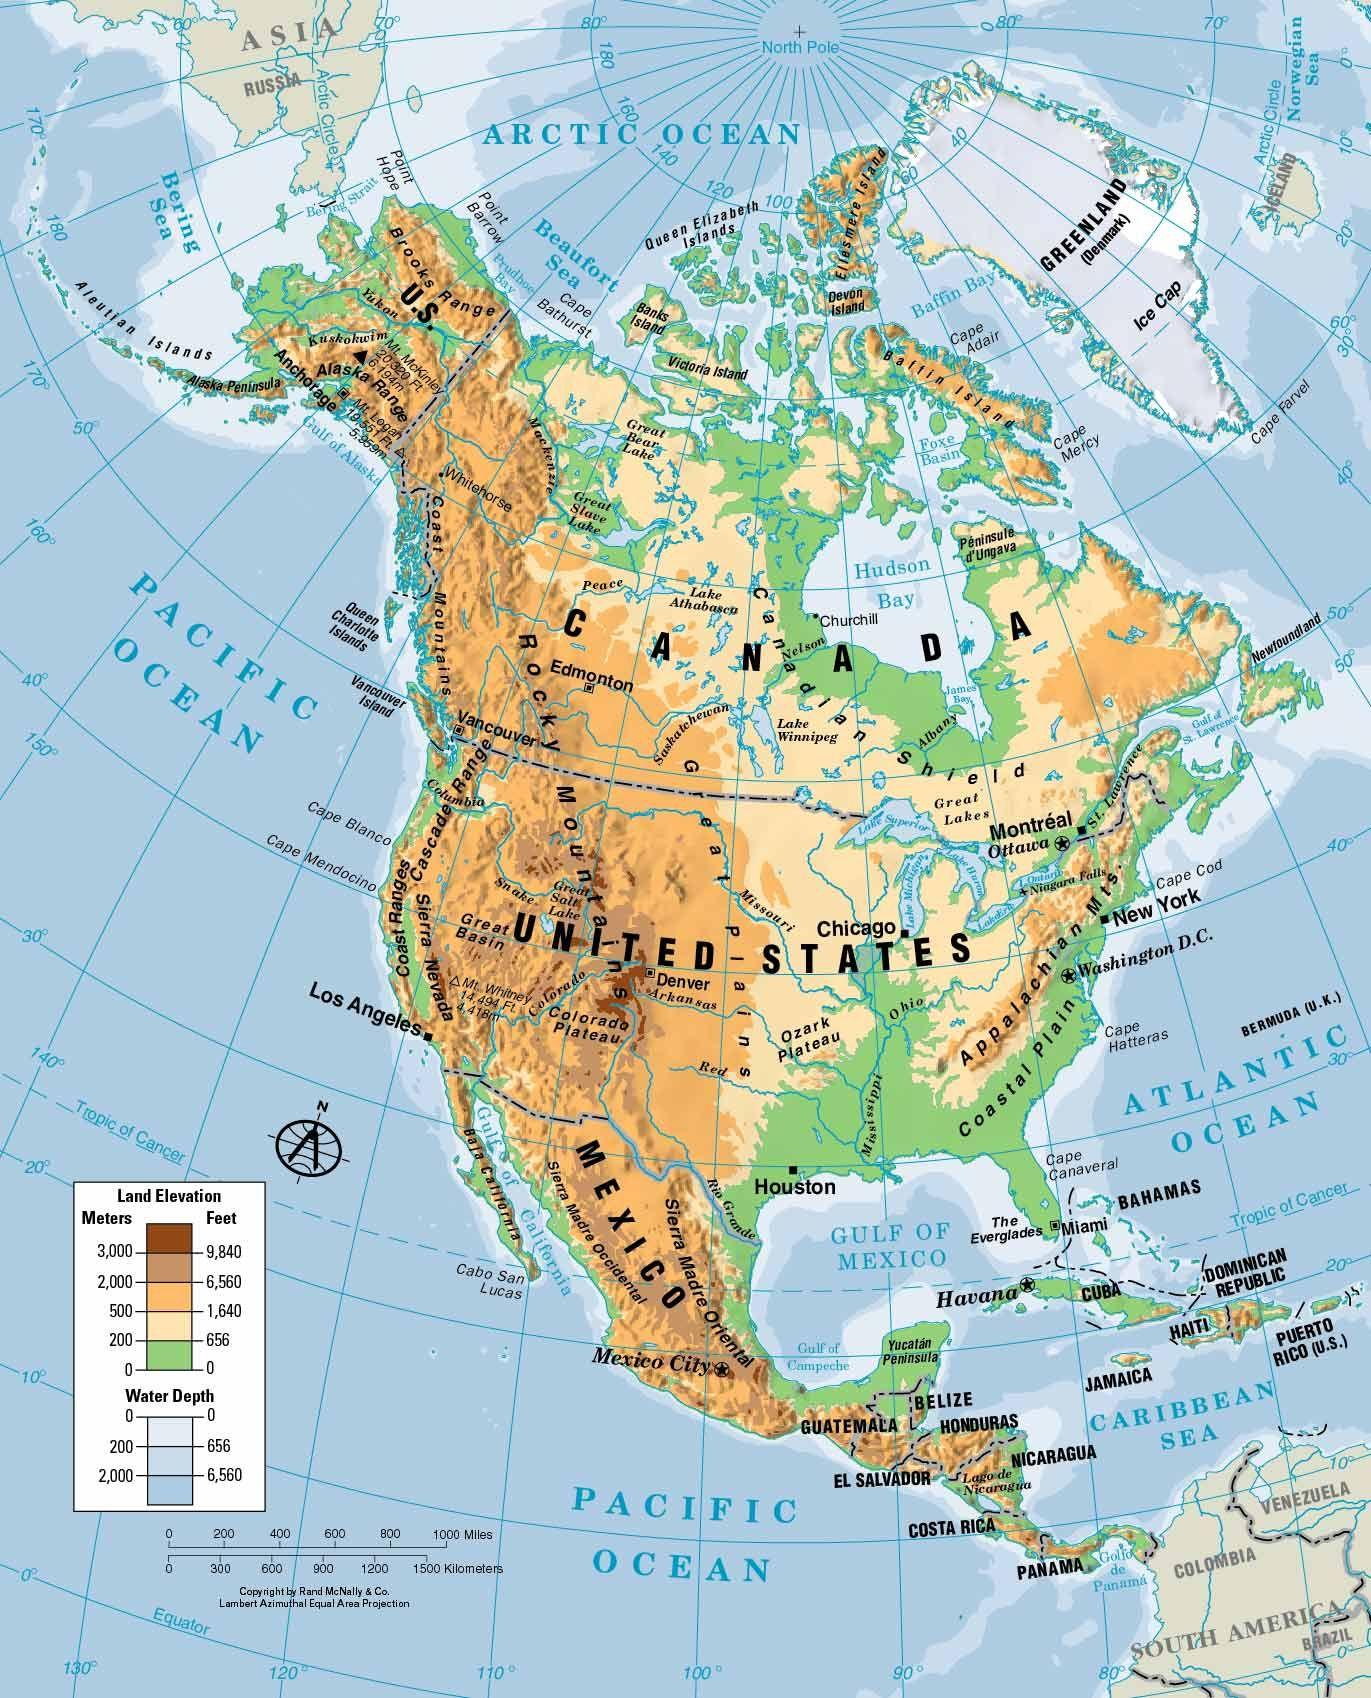 Mcd Wcg 0618168419 Pga7 F01 Jpg 1 371 1 698 Pixels Mapa De America Del Sur Mapa De Asia Mapa De America